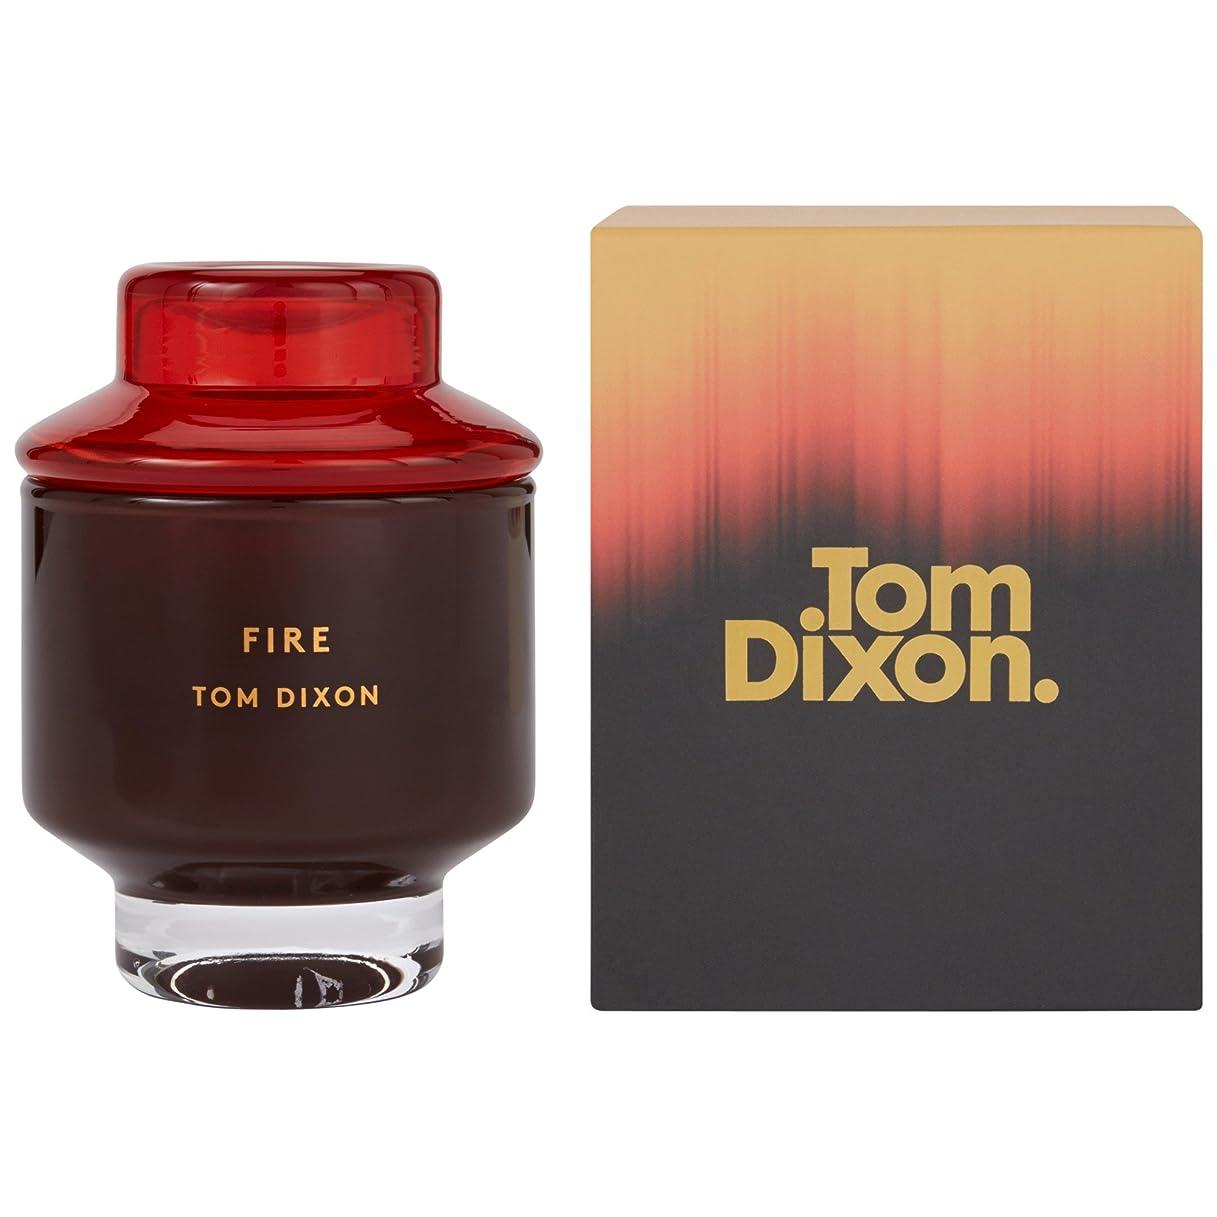 メタルライン衰える船外Tom Dixon Fire Scented Candle Medium (Pack of 2) - トム?ディクソン火災香りのキャンドル媒体 x2 [並行輸入品]